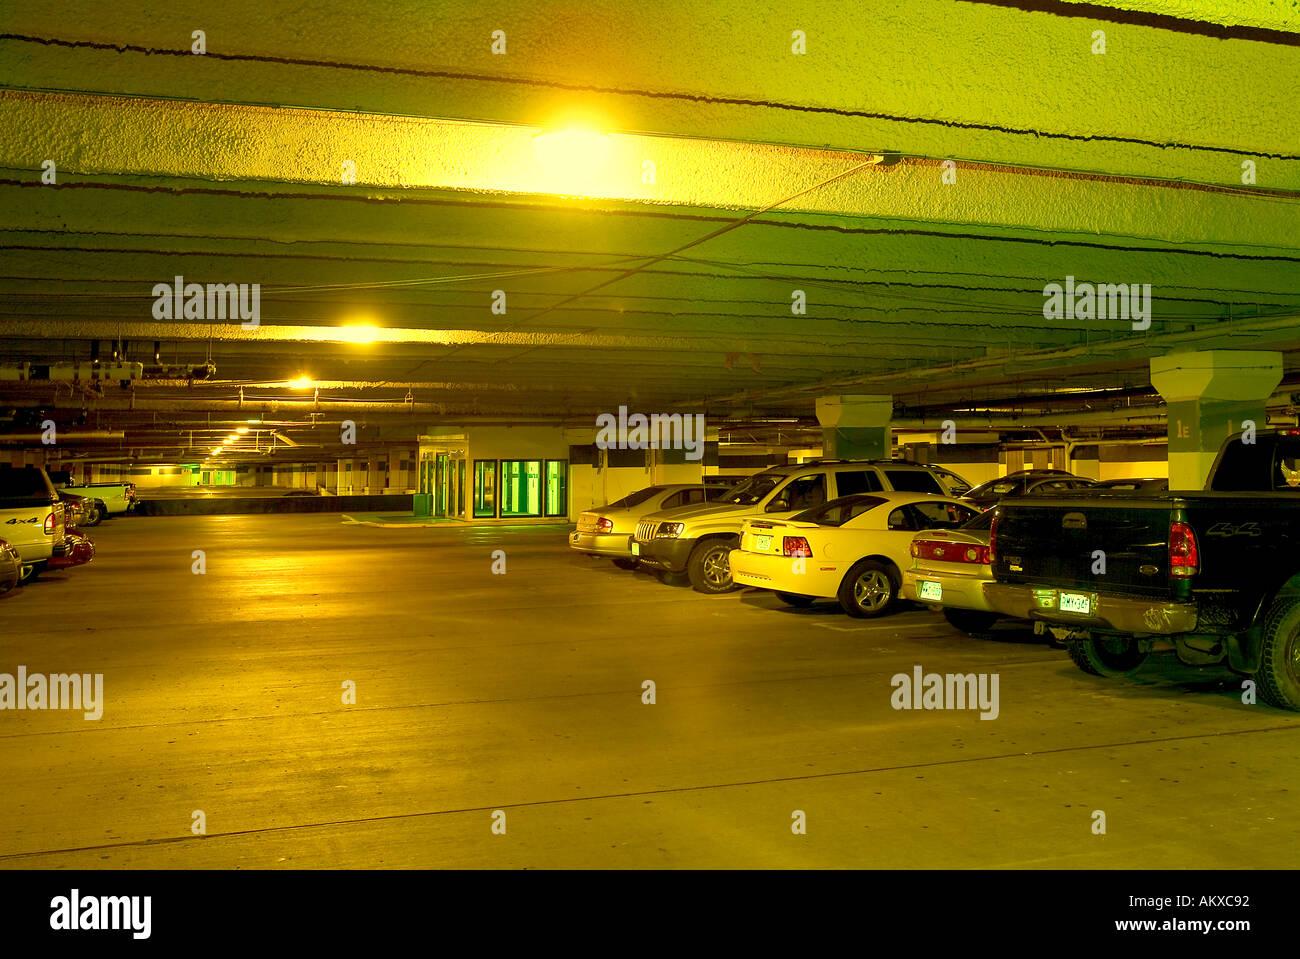 A vapori di sodio in illuminazione parcheggio garage foto